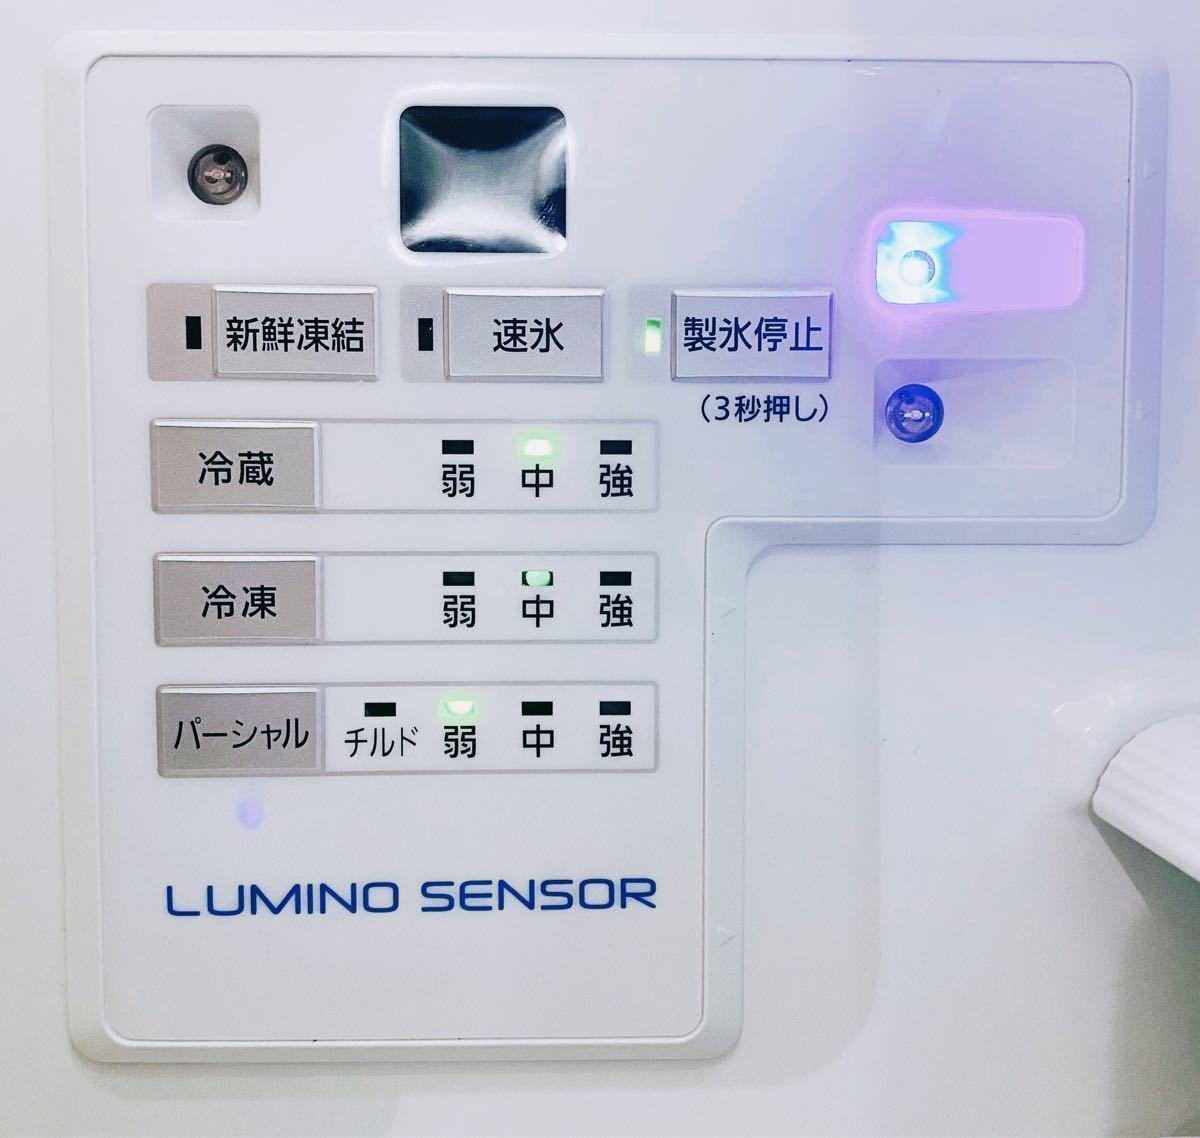 Panasonic 2015年製 冷蔵庫(474L) ホワイト